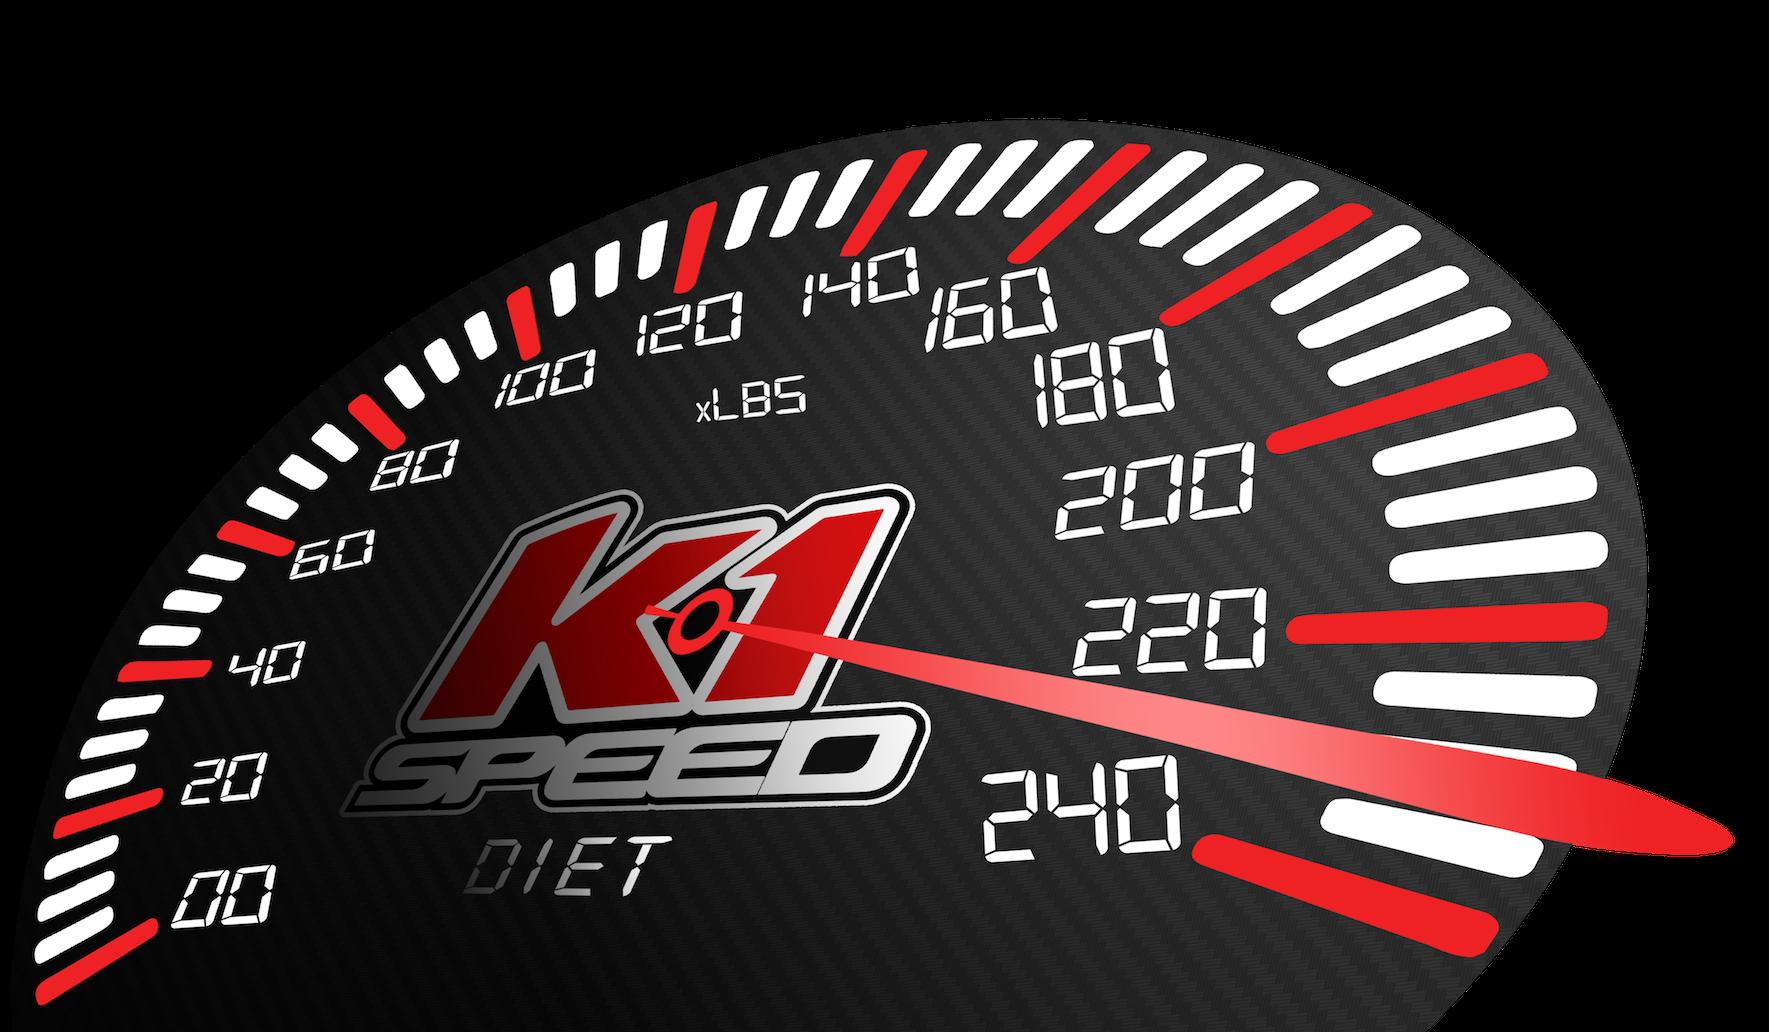 K1 Speed K1 Speed Diet Final Week Weigh In